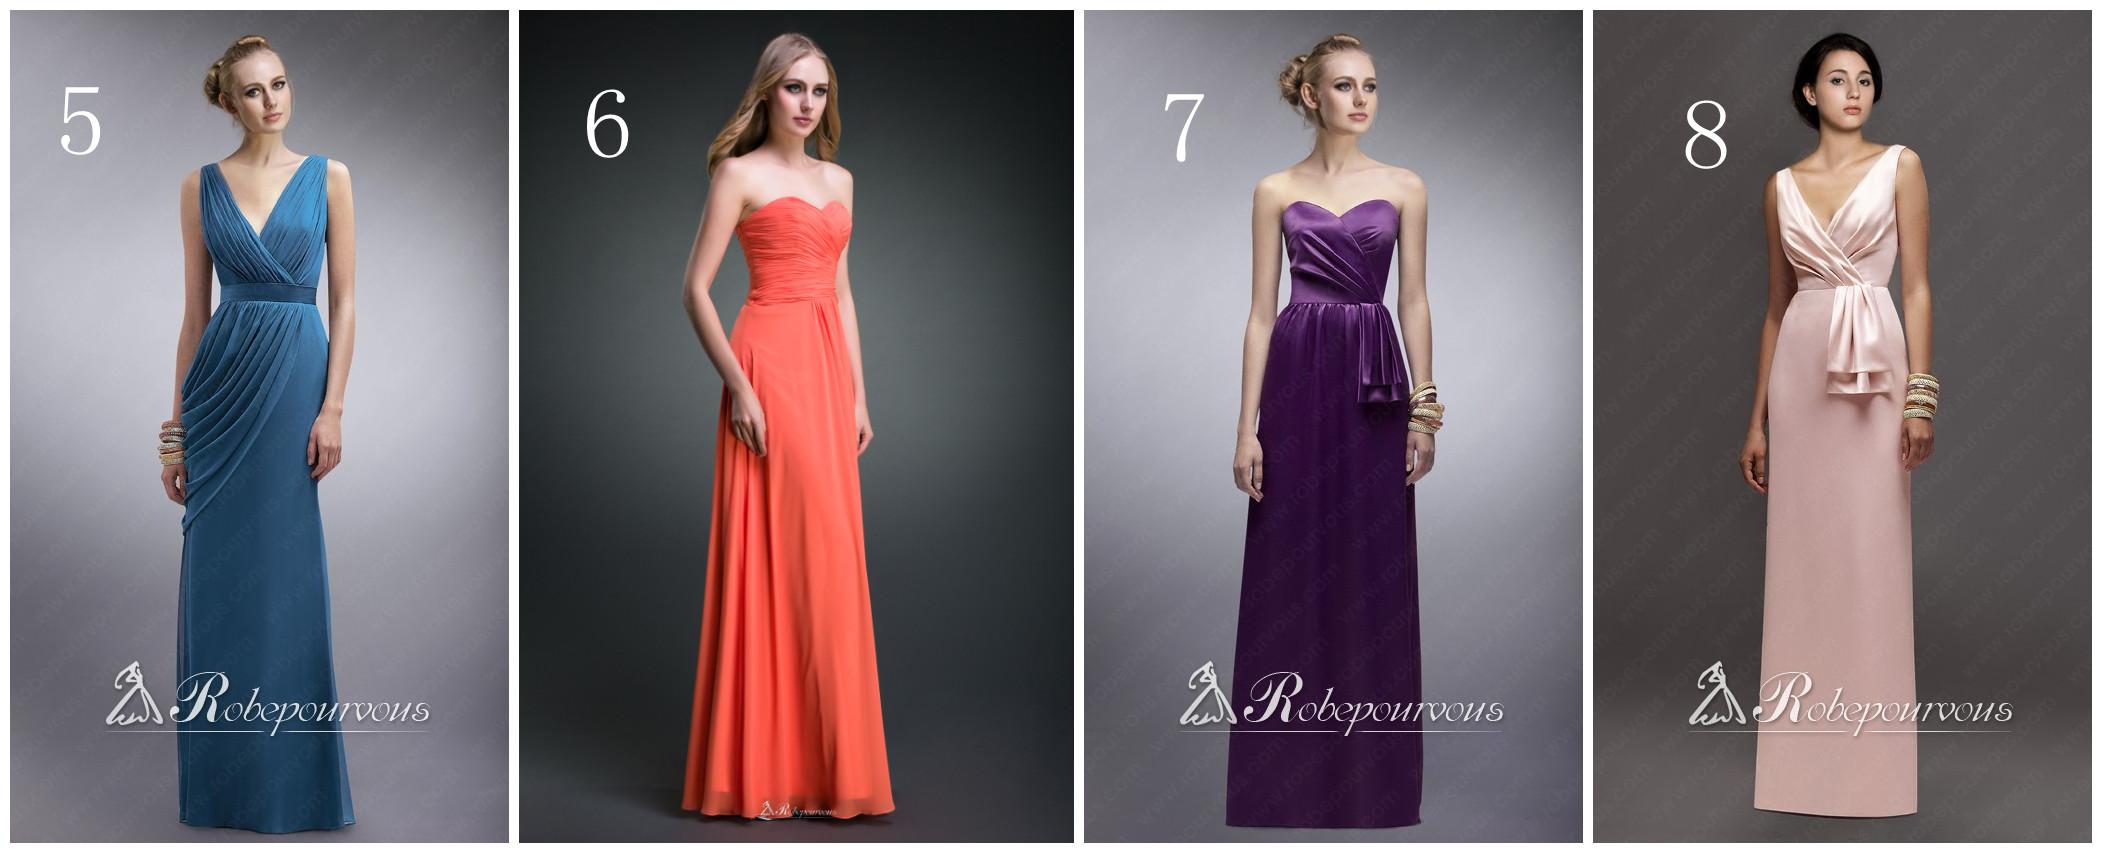 Choisir une robe de demoiselle d honneur pas cher 2013 for Robes de demoiselle d honneur pour les mariages de novembre